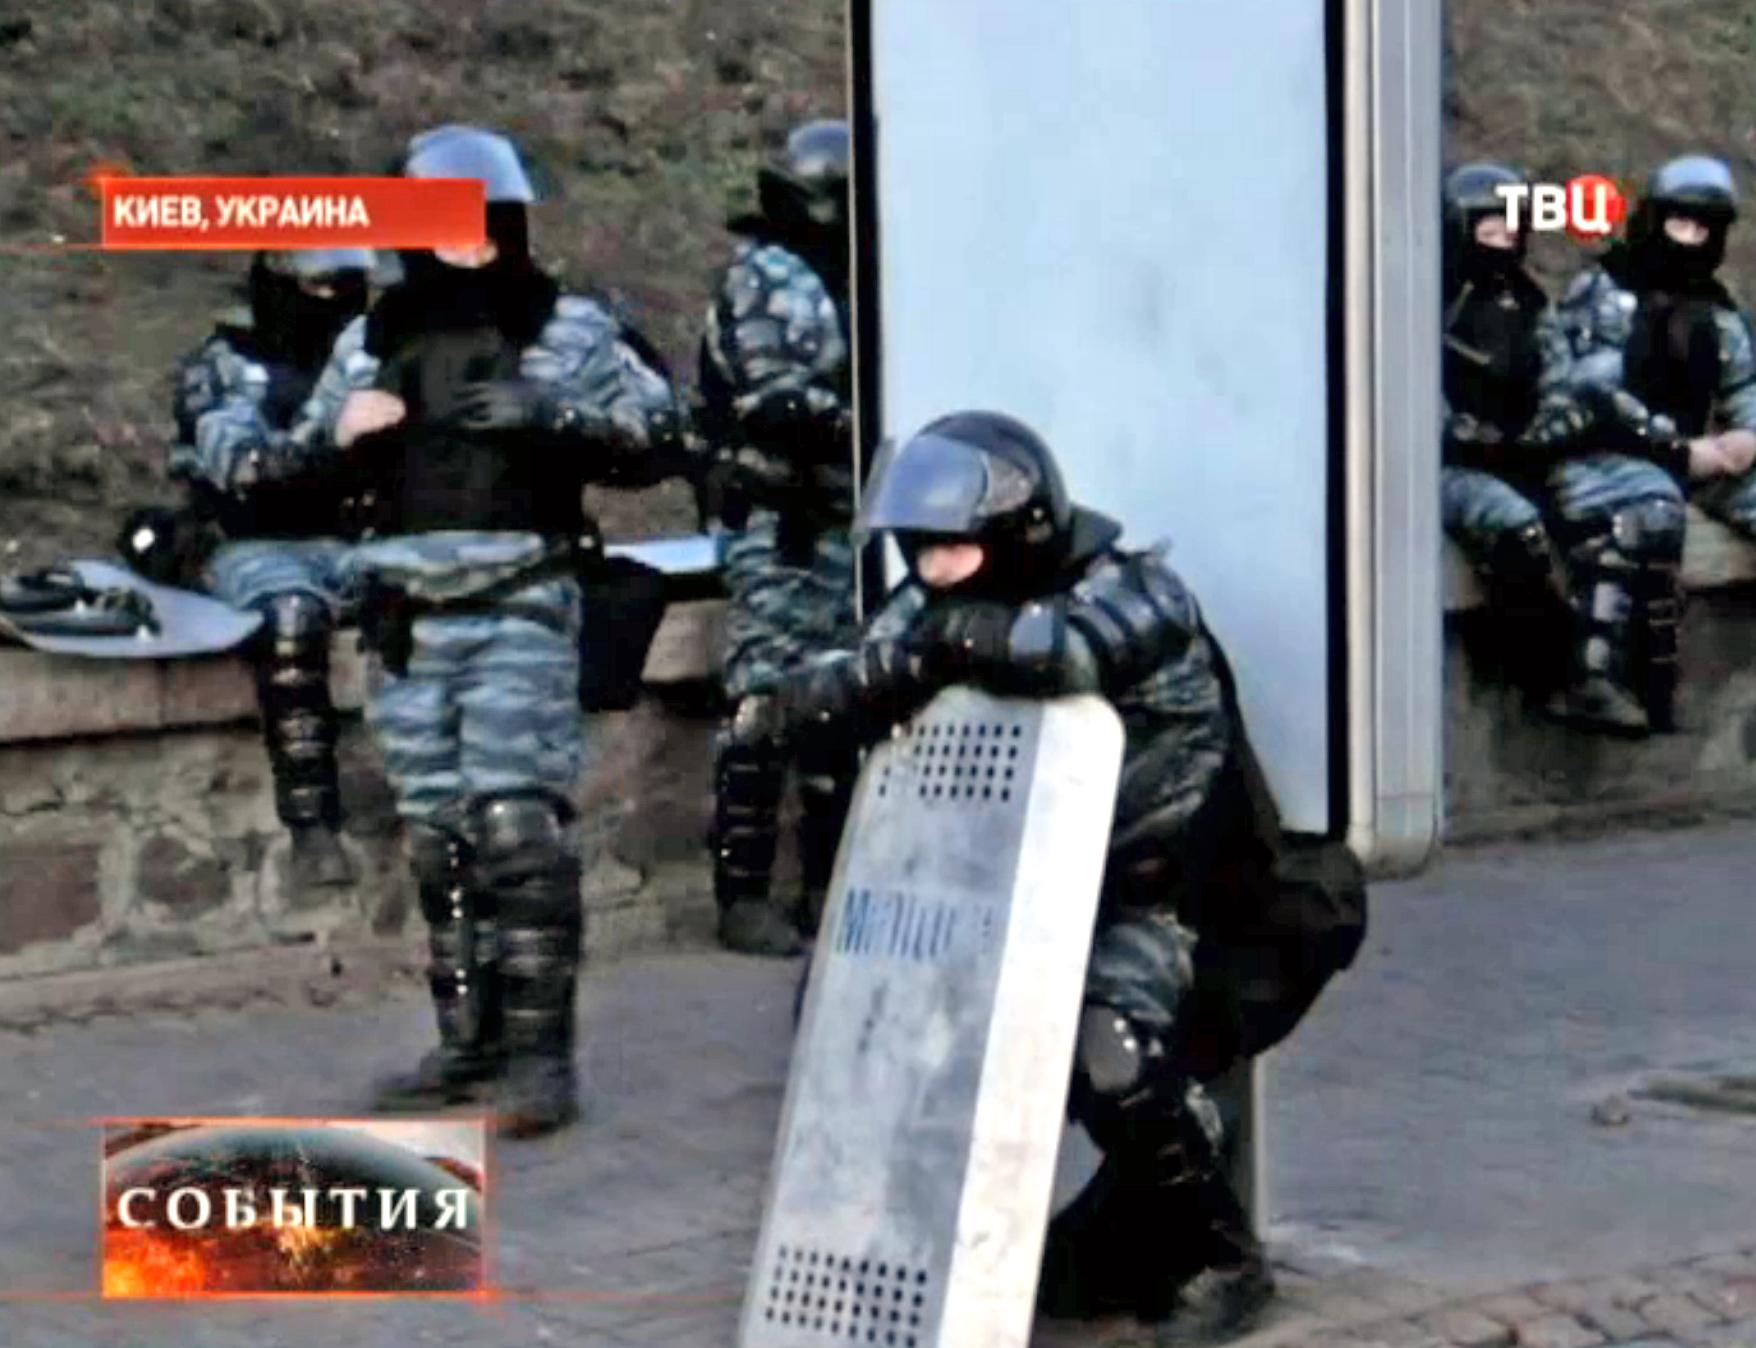 Киевская милиция укрепляет позиции